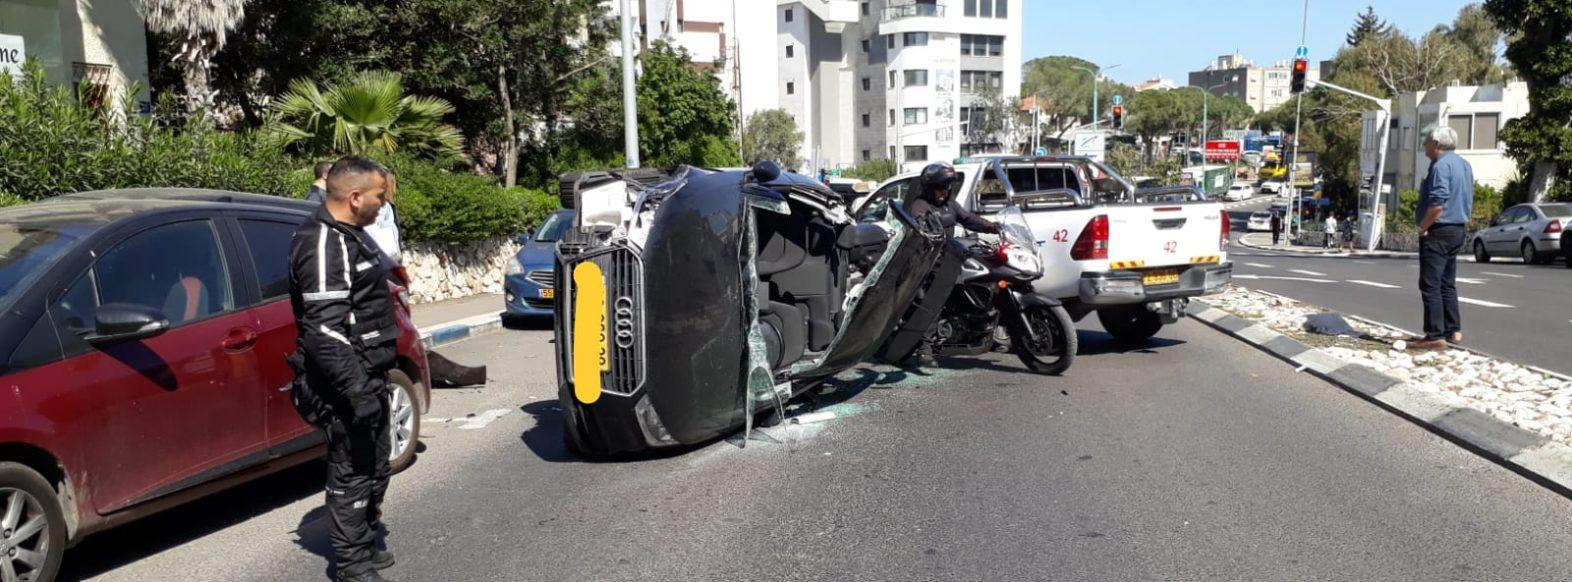 צעיר כבן 30 נפצע בינוני בתאונת דרכים בחיפה